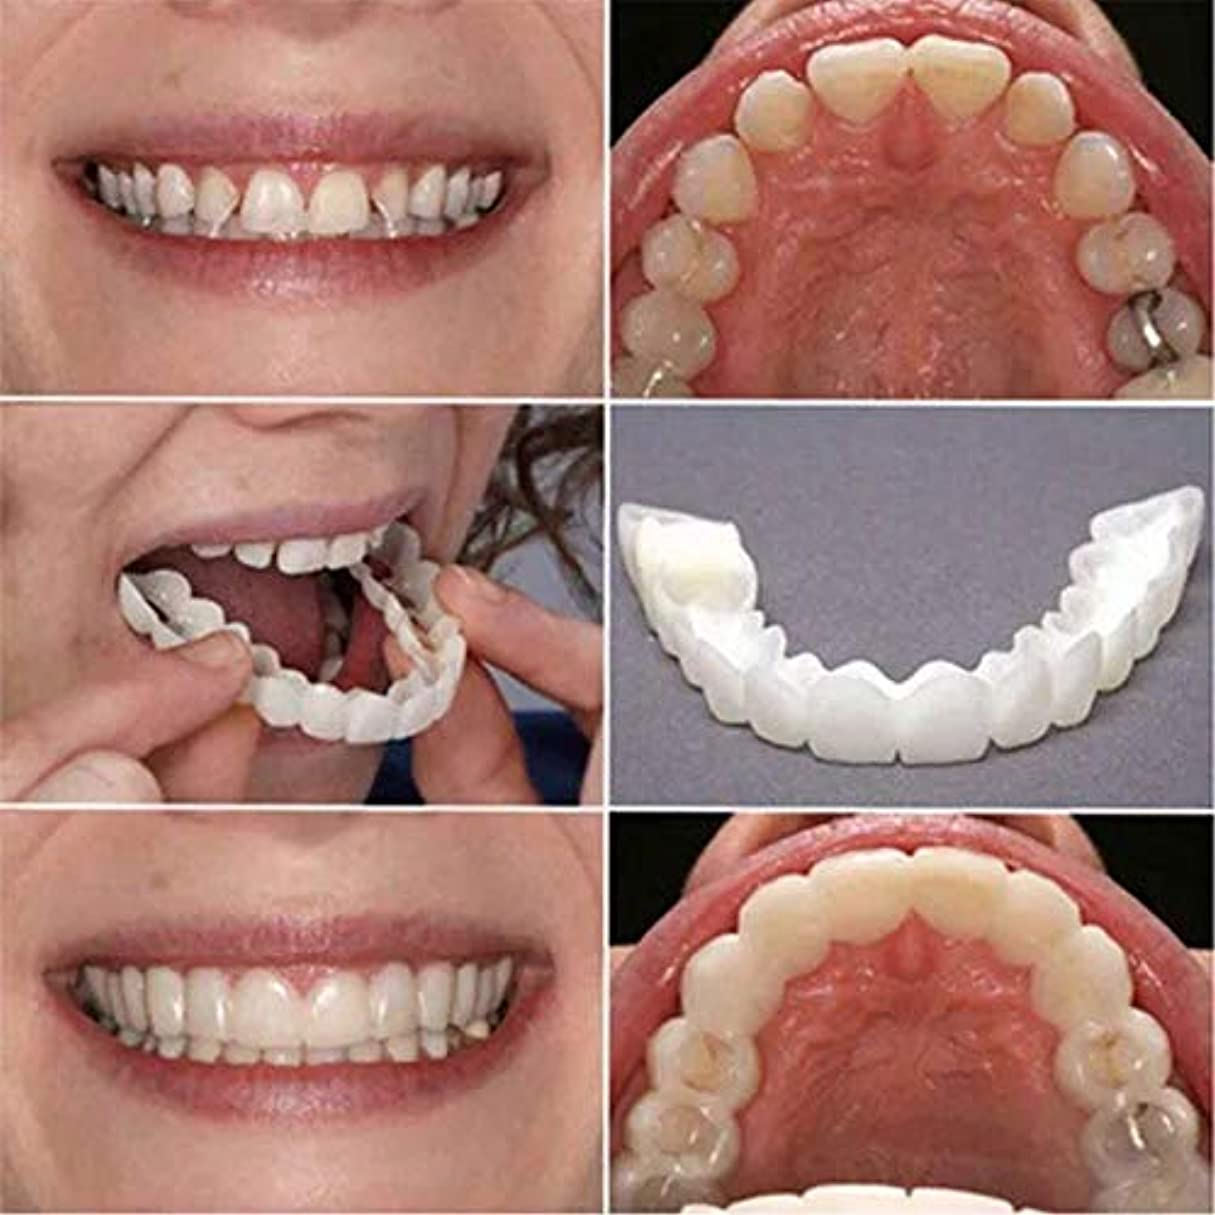 オークション北米クリップ2個の歯ピースフィッティング快適なフィット歯のソケット義歯口腔用品矯正アクセティース 笑顔を保つ